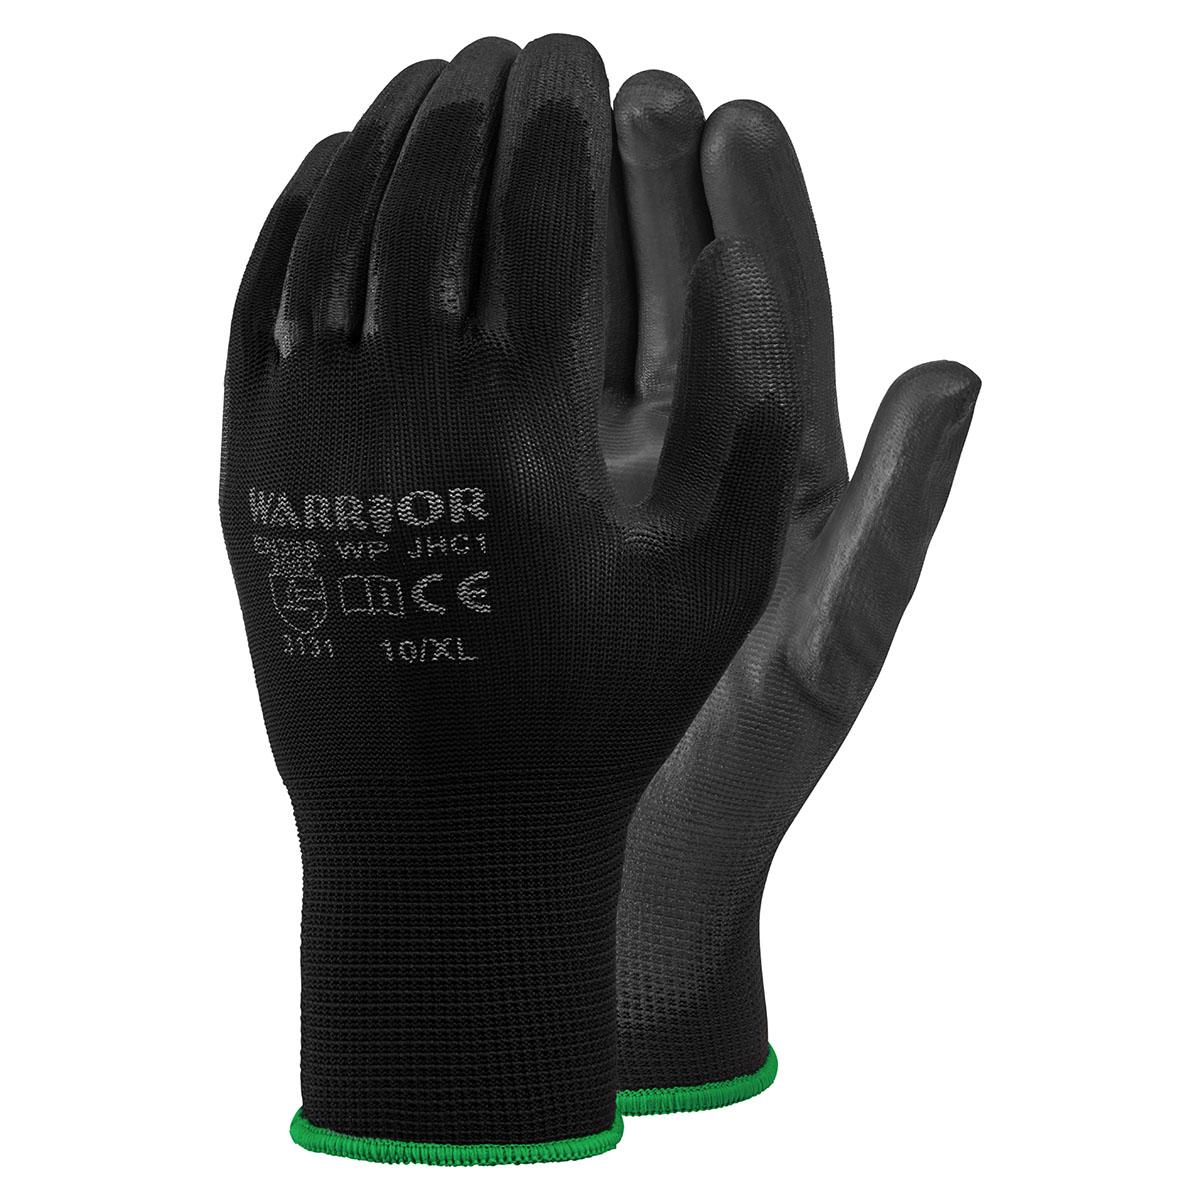 GL8163 Lightweight PU Grip Glove